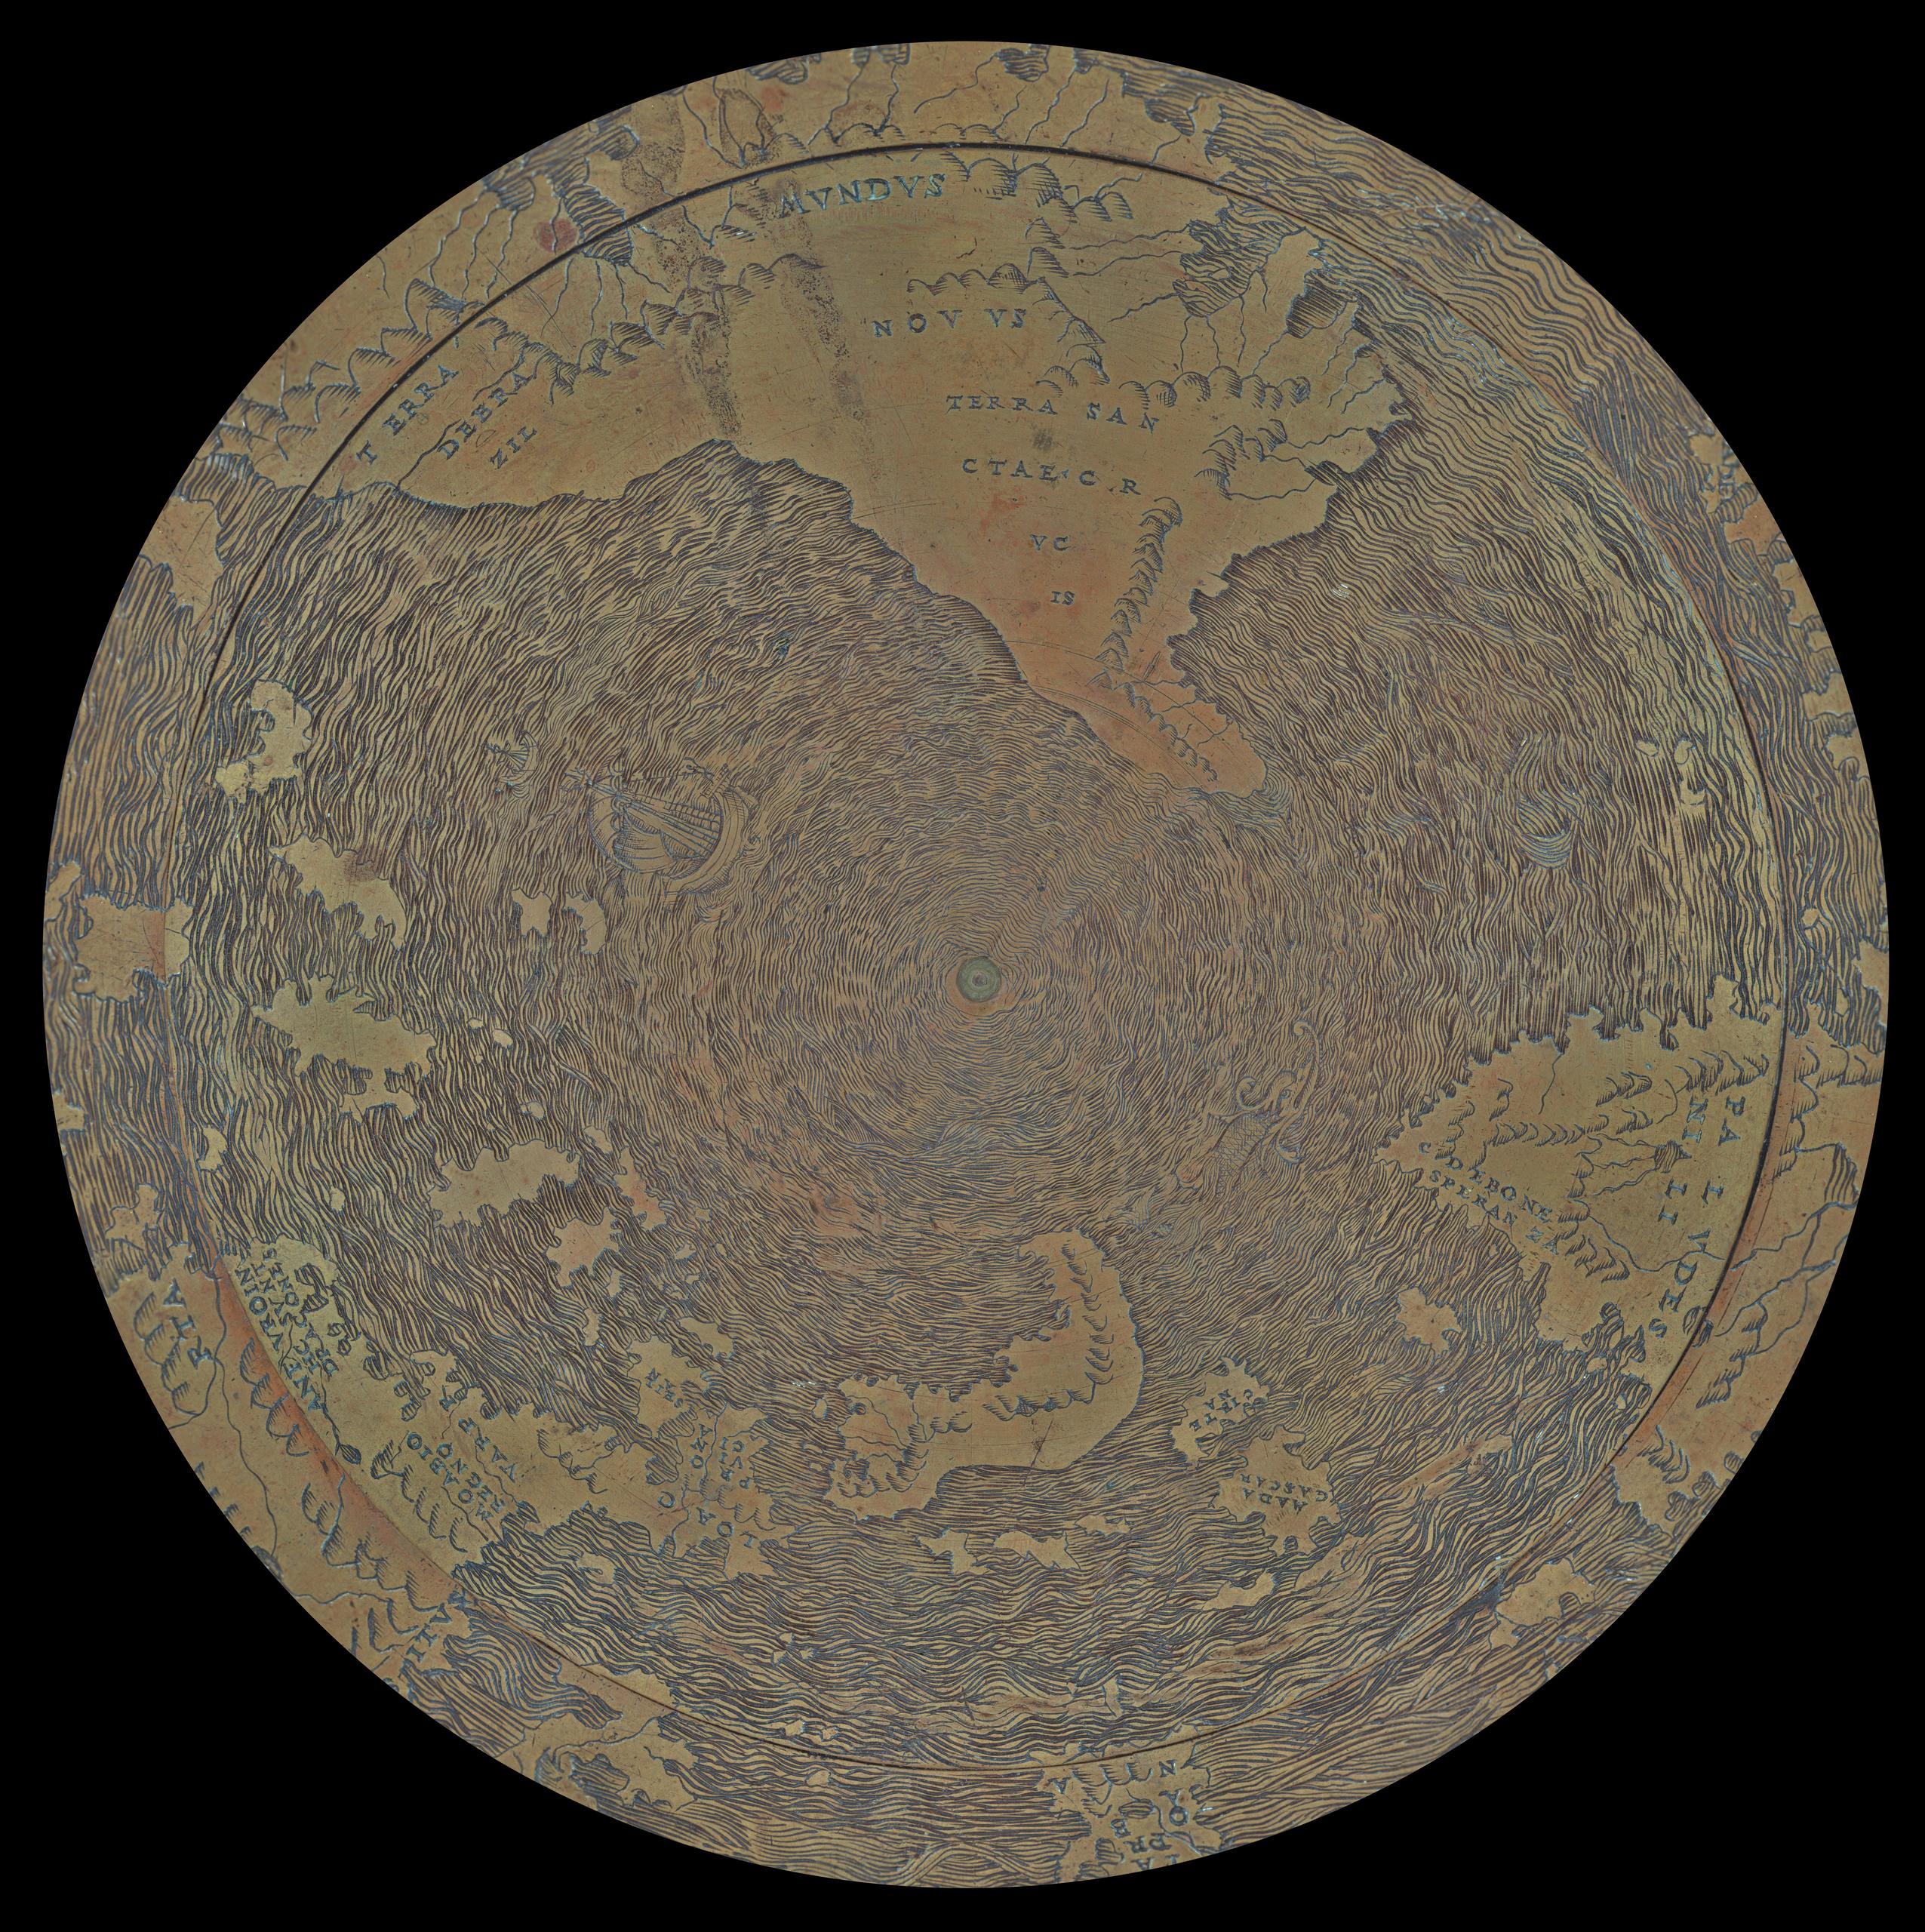 Novus Terra Sancta Crucis nypl.digitalcollections.f7a0eb50-66fb-0133-9c56-00505686a51c.001.v